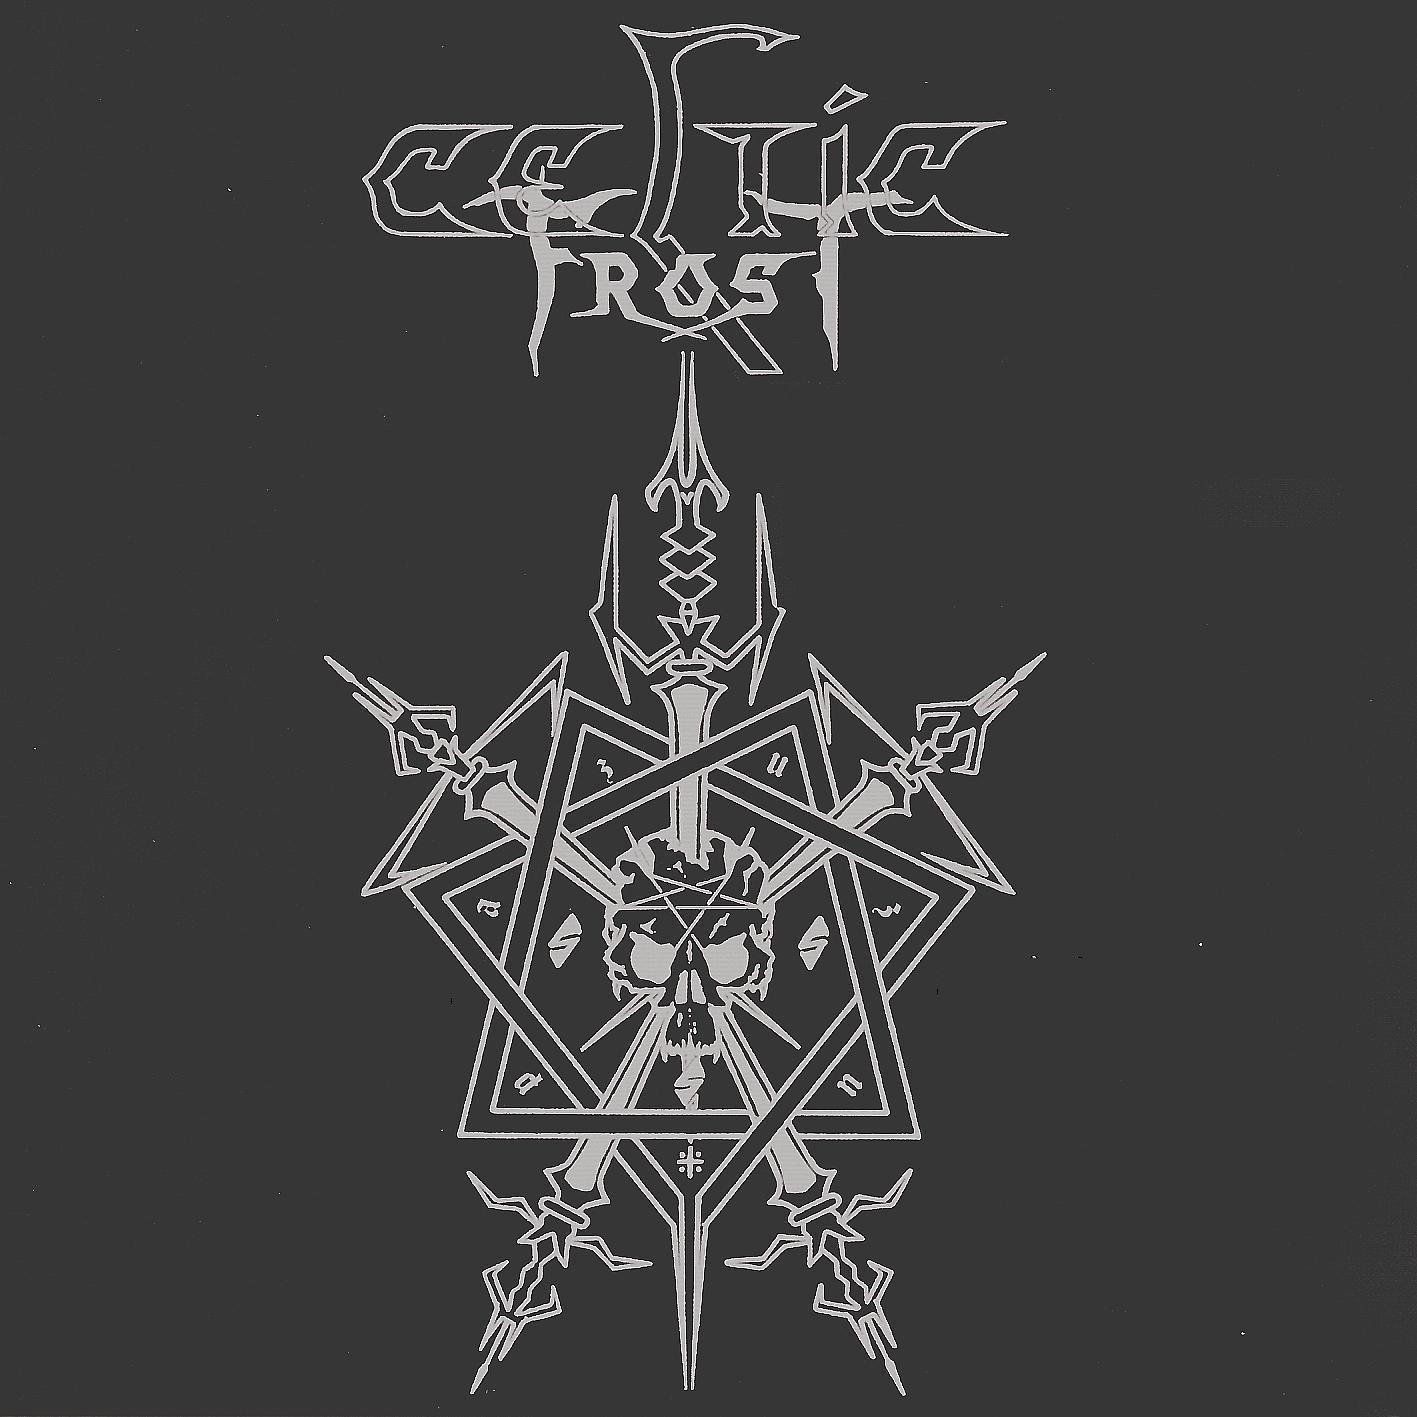 Thrash Under Pressure: Celtic Frost